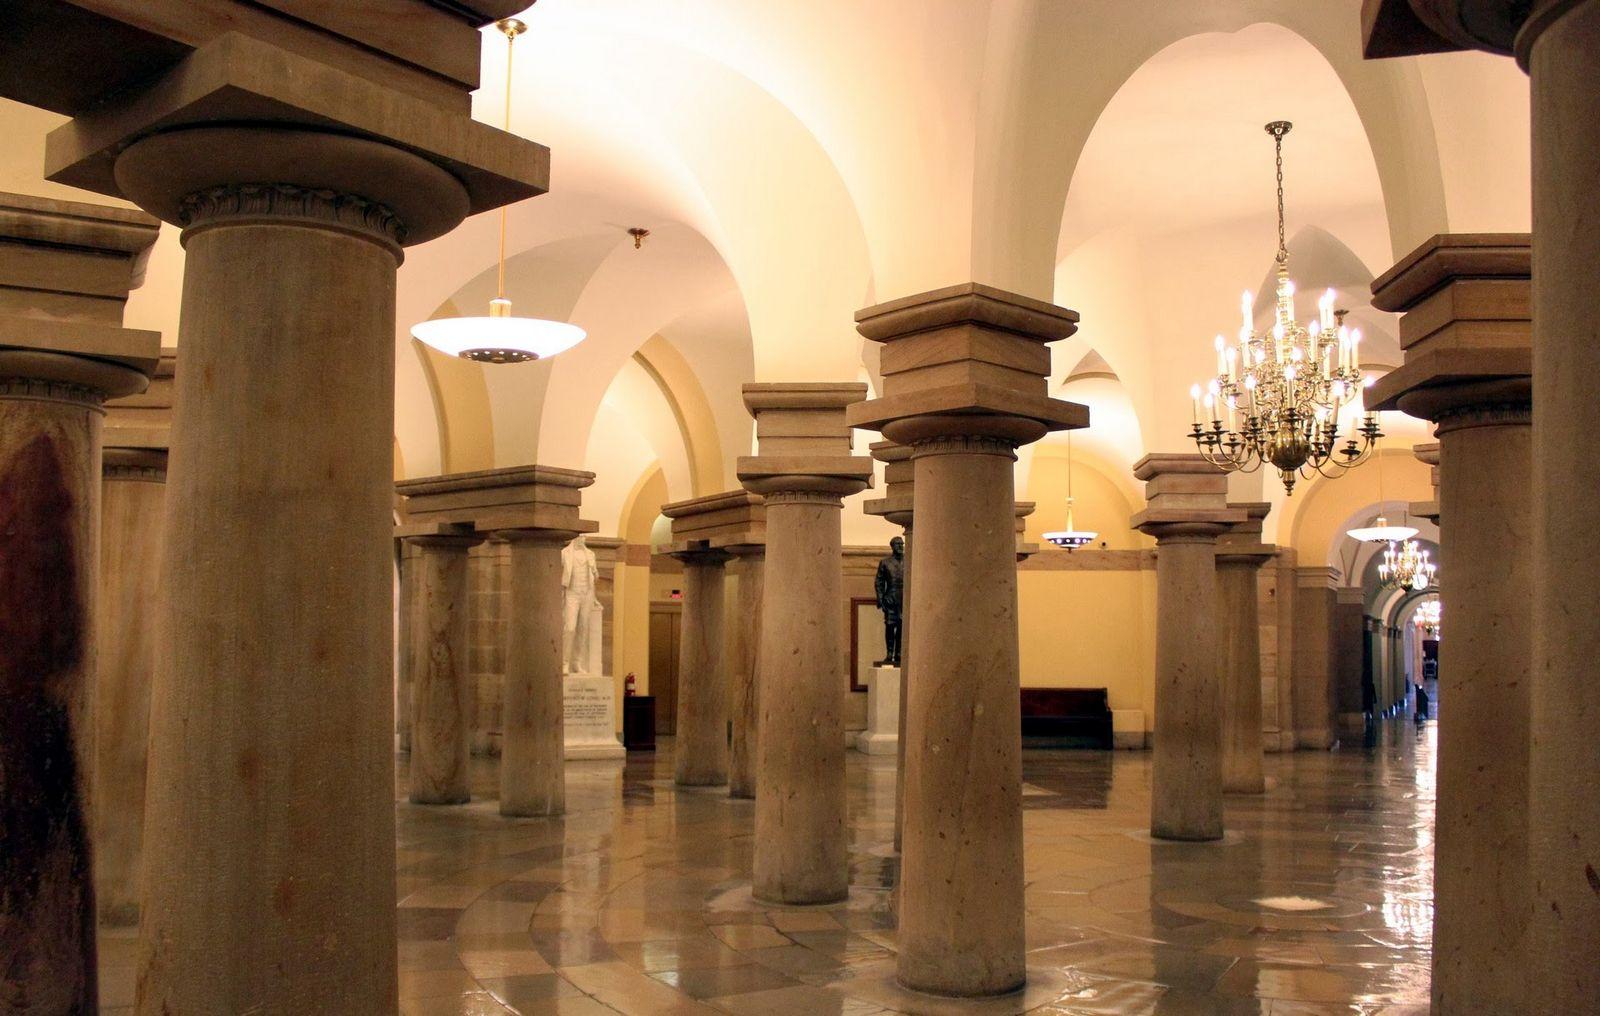 La cripta, todavía esperando los restos de George Washington